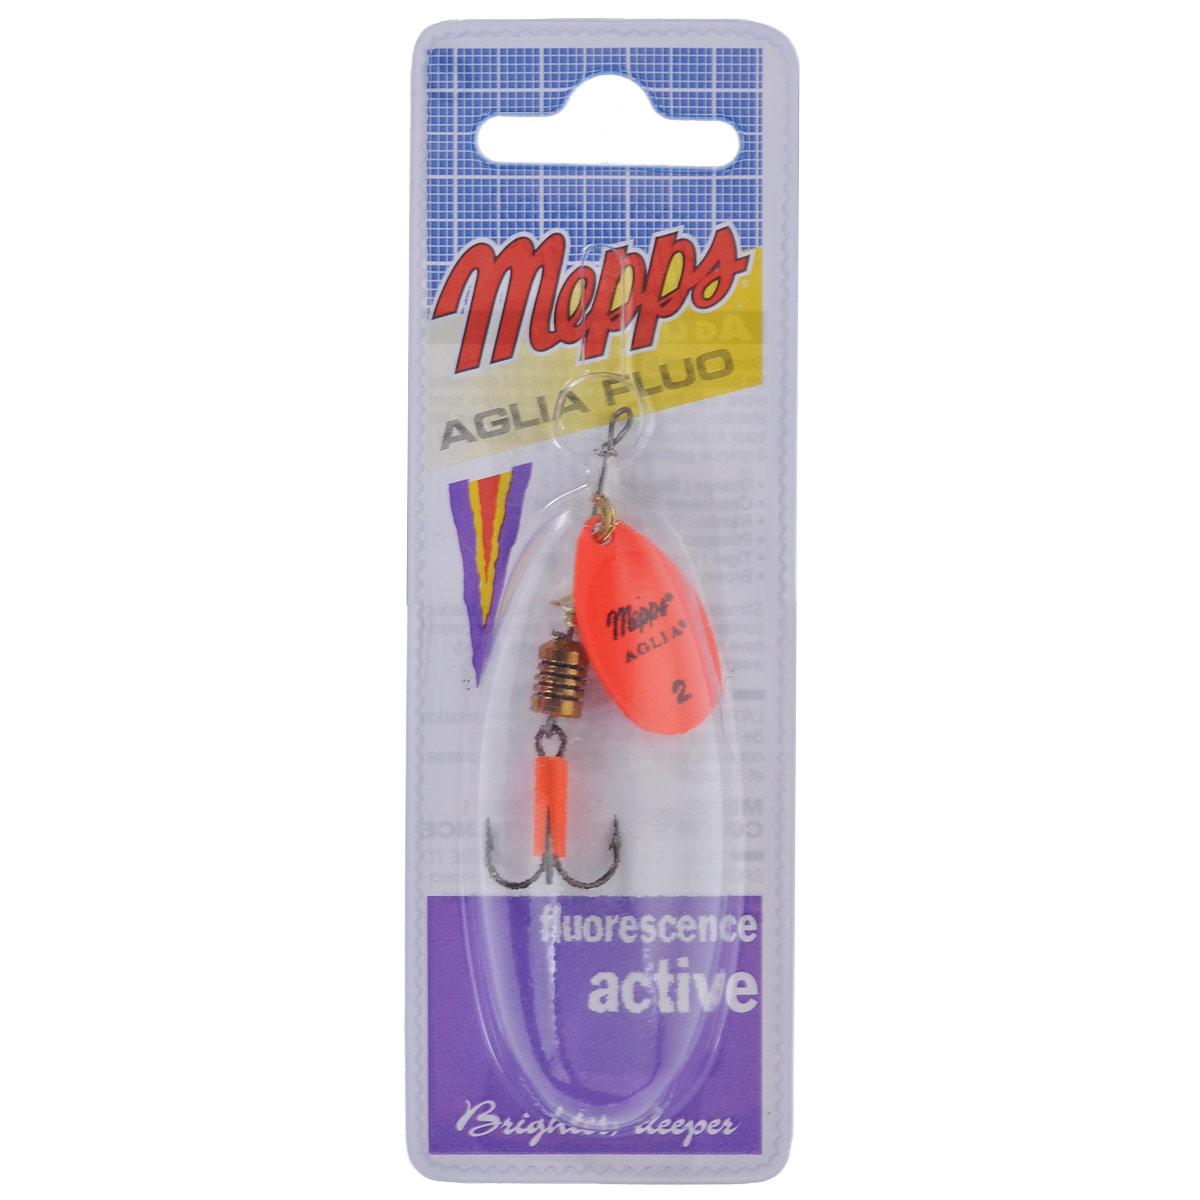 Блесна Mepps Aglia Fluo Orange, вращающаяся, №2110F/007Вращающаяся блесна Mepps Aglia Fluo Orange выполнена в виде лепестка оранжевого неонового окраса, дающего преимущество при ловле рыбы в темное время суток, на большой глубине и в мутной воде. Такая блесна отлично видна даже при освещении ультрафиолетовыми лучами, доходящими до самых больших глубин. Стимулированная ультрафиолетом, она продолжает еще долго светиться.